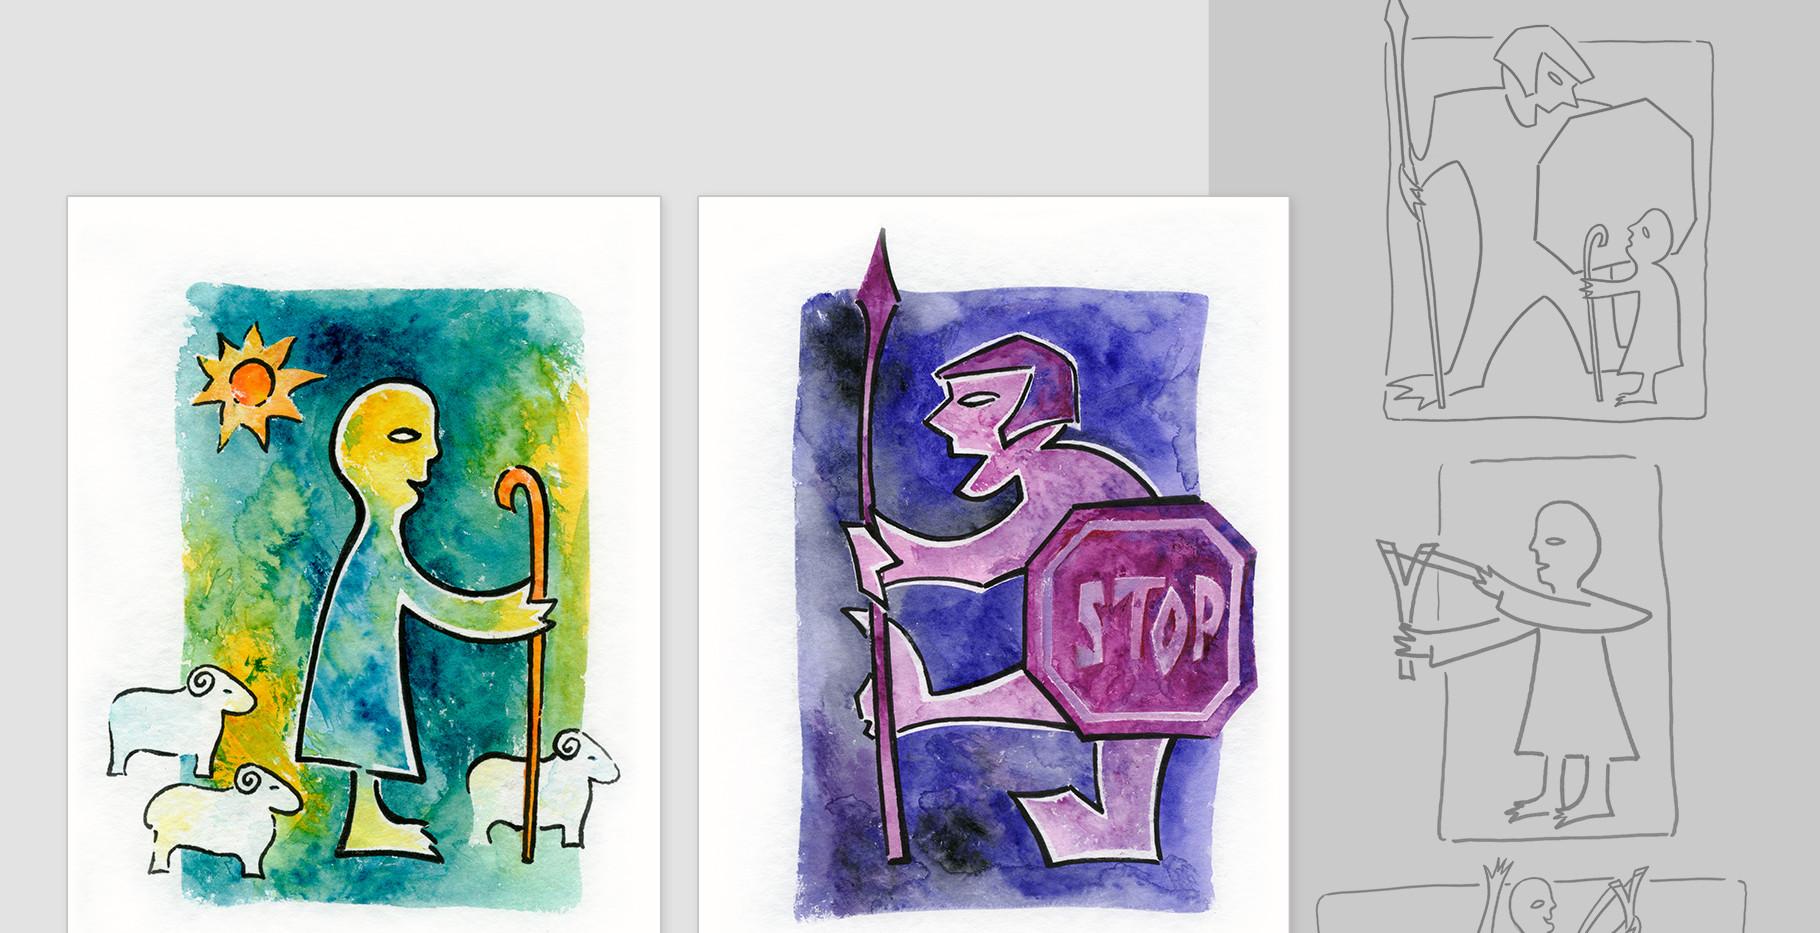 """Broschüren-Illustrationen zum Thema: """"Cocoonig und Postmaterialismus"""" (David und Goliath)"""